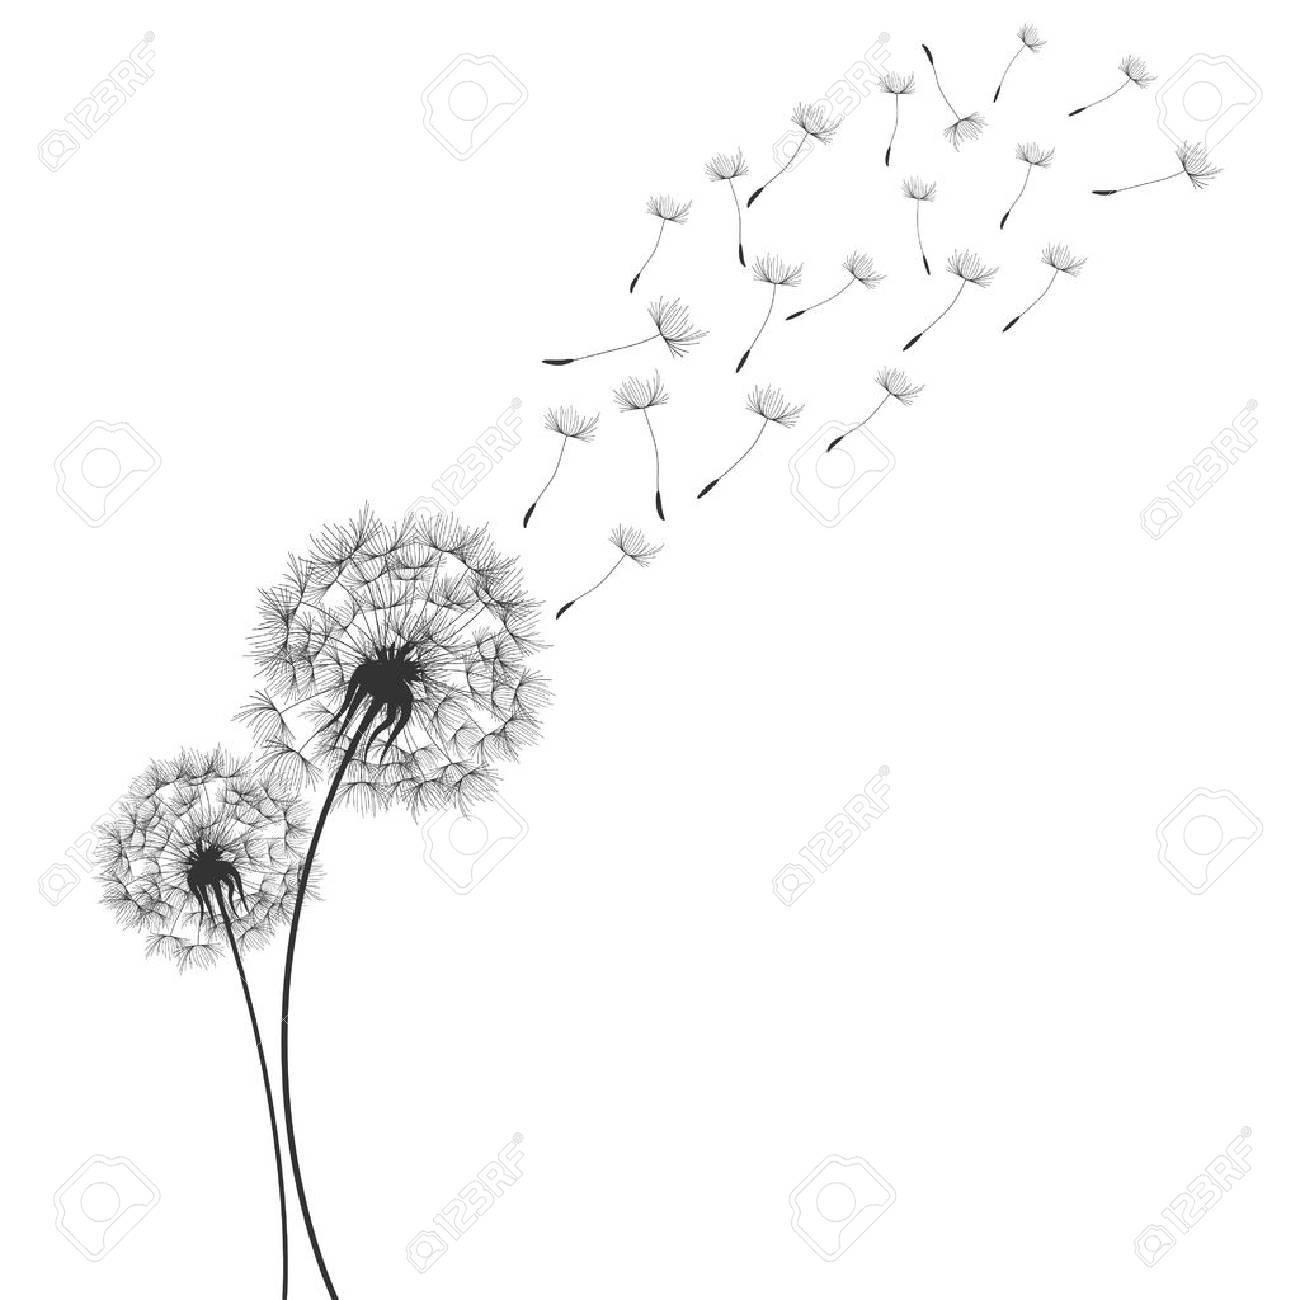 Dandelions in Wind - 60605529